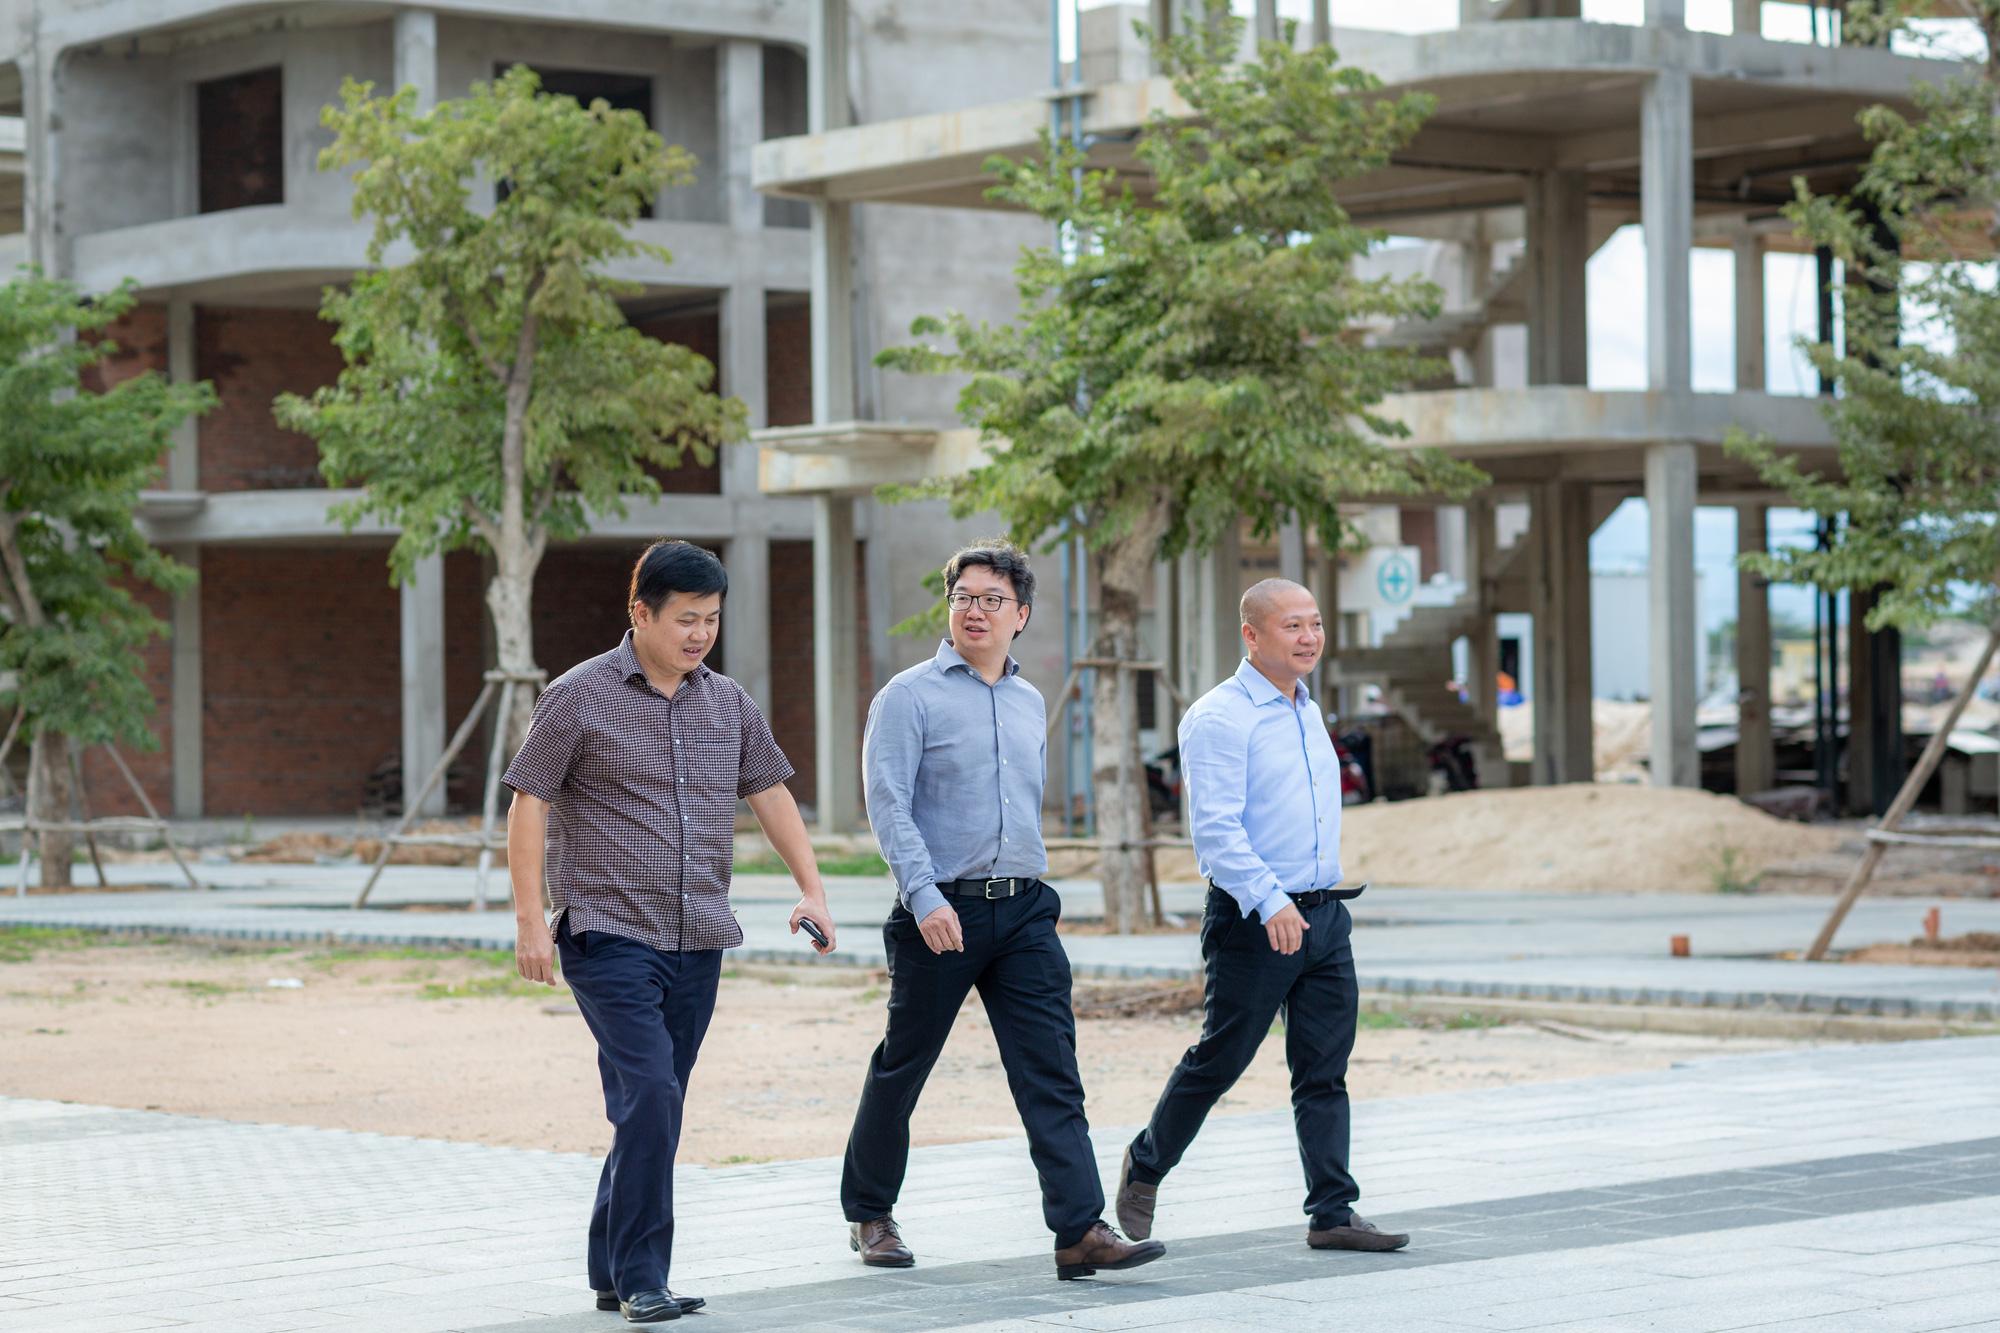 Dự án The Arena Cam Ranh nhận tài trợ vốn, hoàn thiện theo cam kết với khách hàng - Ảnh 2.